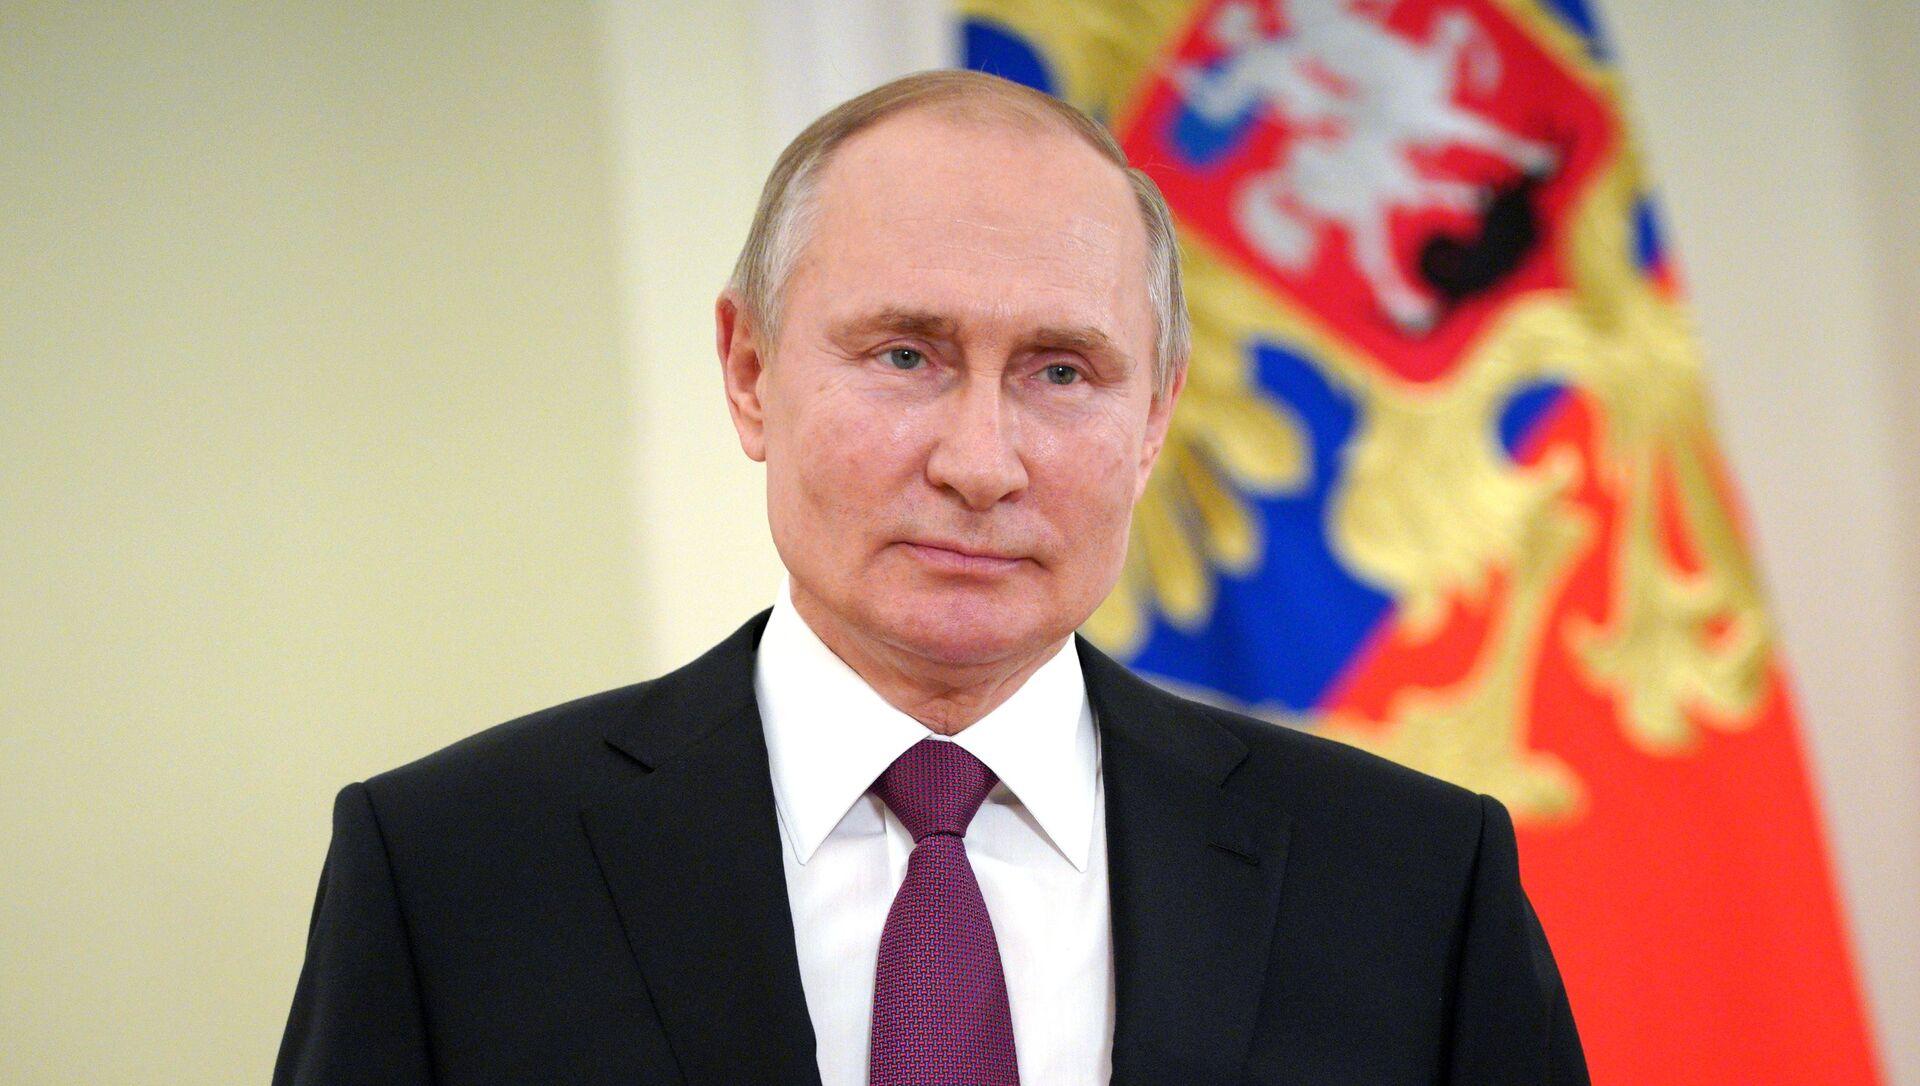 Президент России Владимир Путин, архивное фото - Sputnik Беларусь, 1920, 28.03.2021